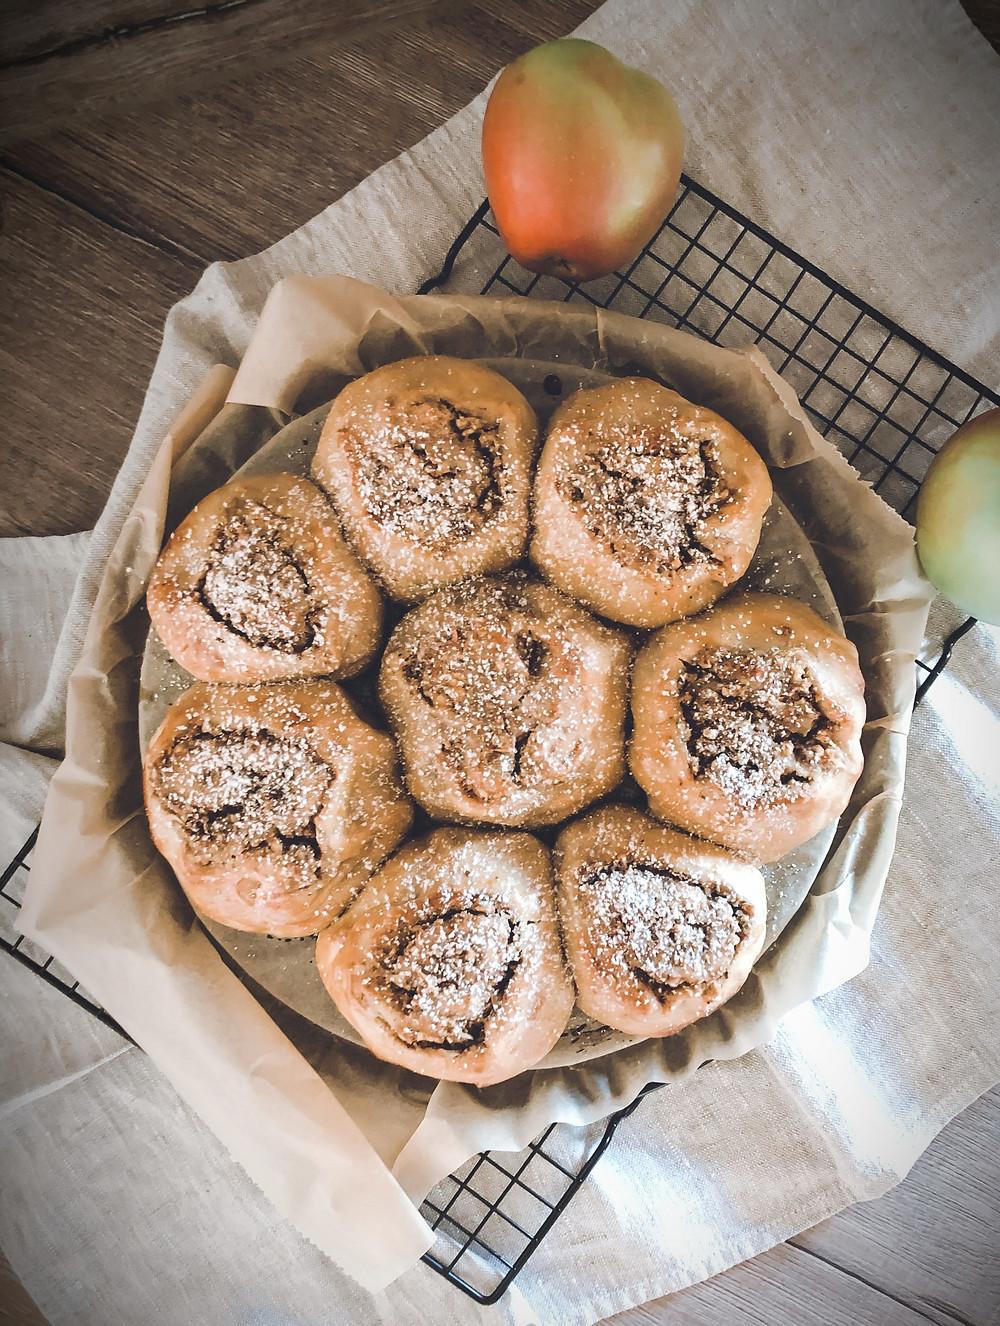 focusflowfood focus flow food Haselnuss Apfel Zimtschnecken Dinkelmehl gesund einfach lecker